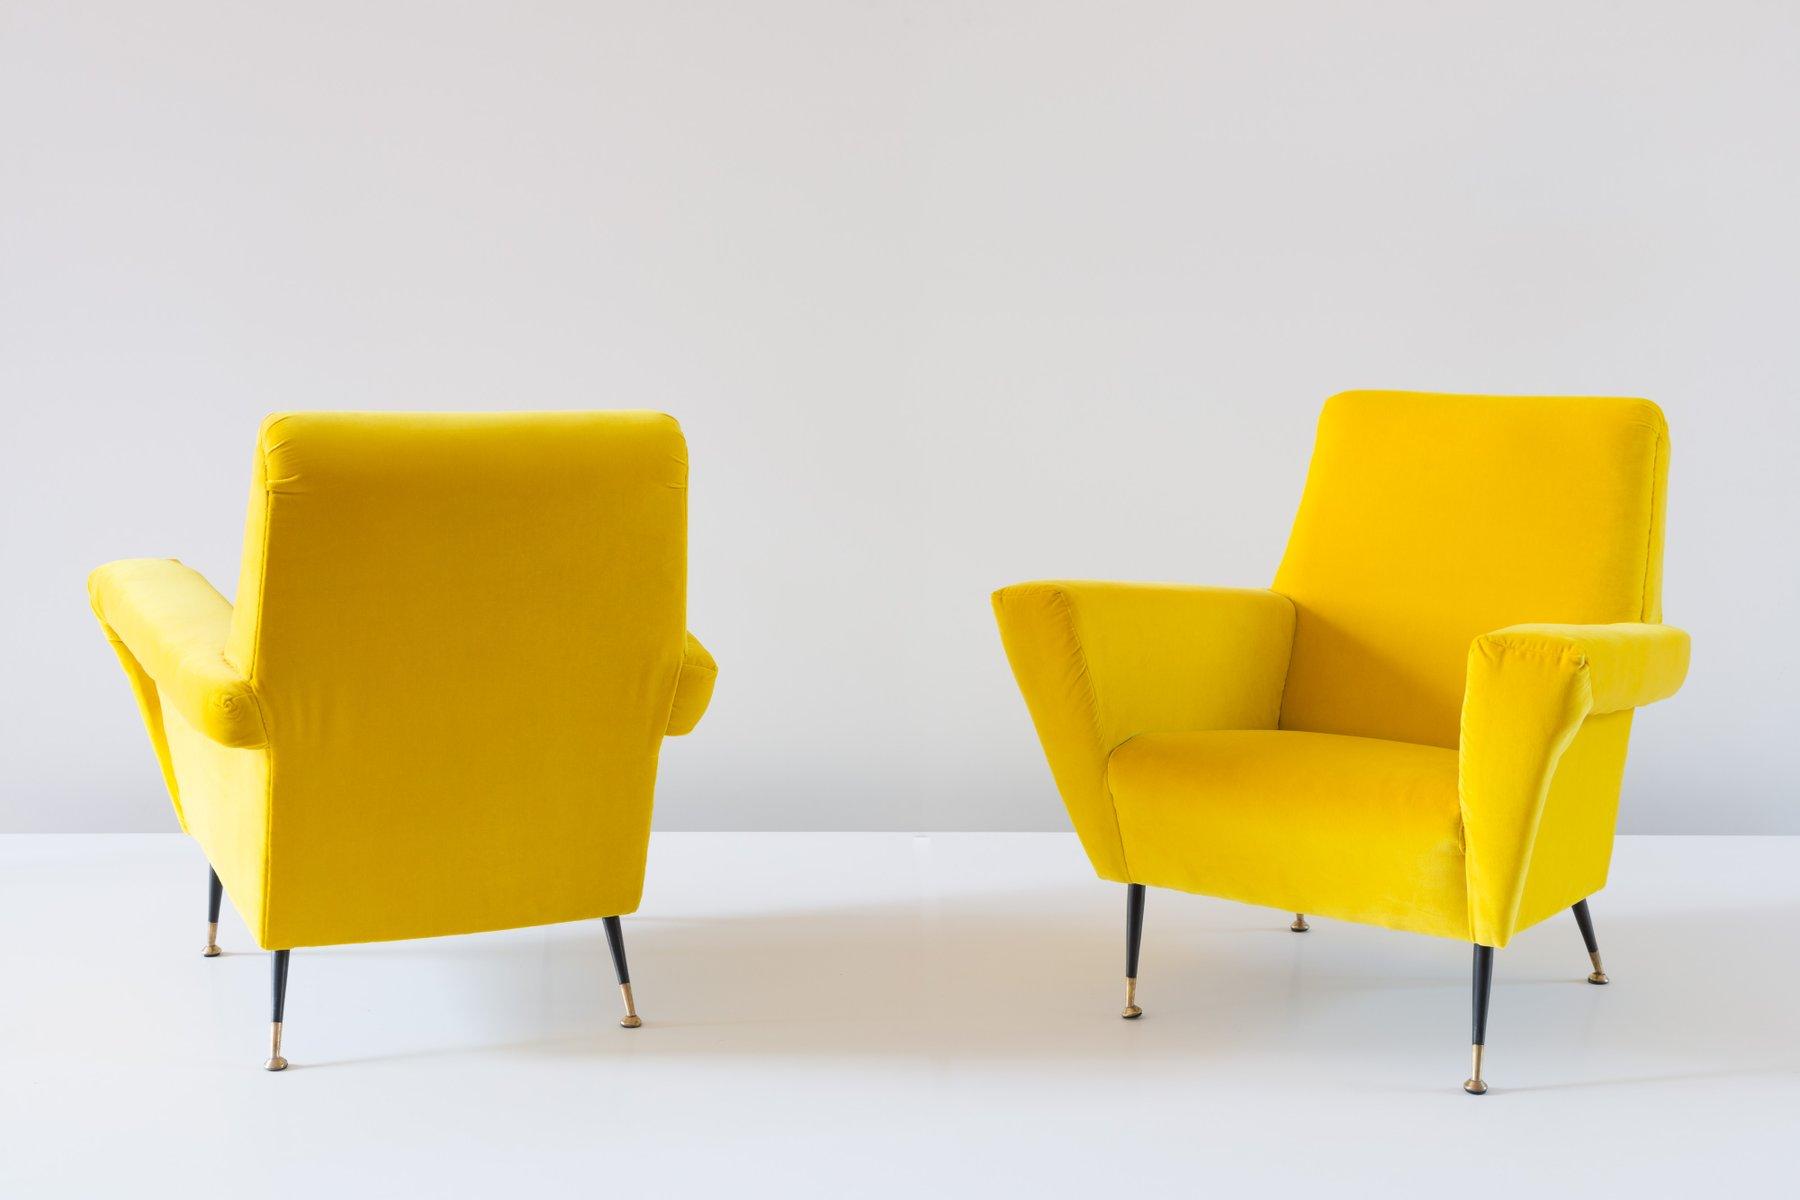 fauteuils vintage en velours jaune italie 1950s set de 2 en vente sur pamono. Black Bedroom Furniture Sets. Home Design Ideas